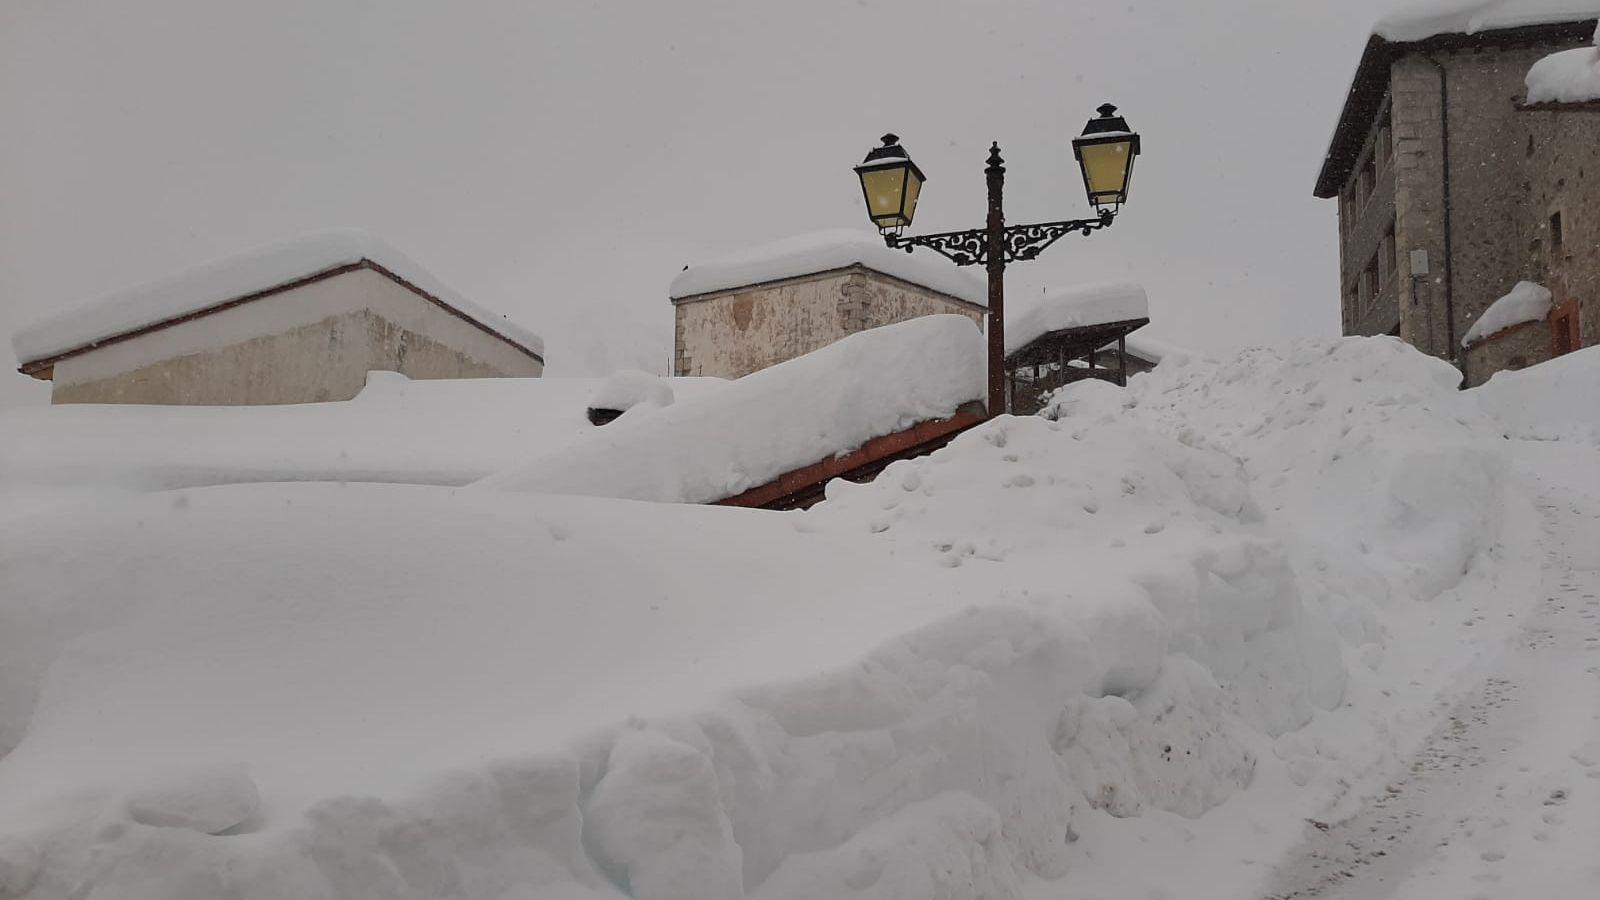 Sotres cuenta con más de metro y miedo de nieve acumulada